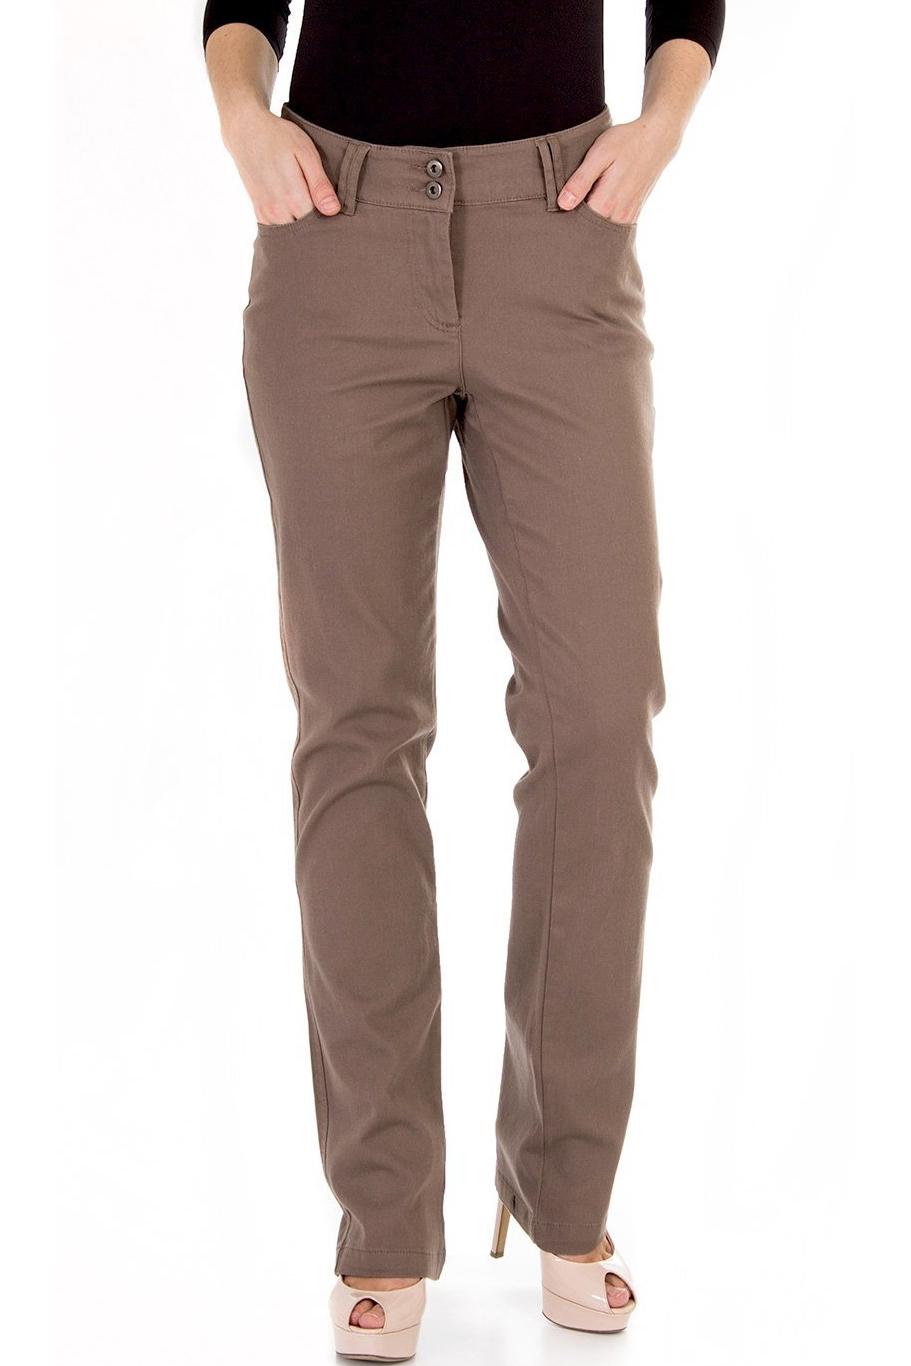 БрюкиБрюки<br>Женские брюки из плотной костюмной ткани. Отличный выбор для повседневного и делового гардероба.  Цвет: светло-коричневый<br><br>По материалу: Тканевые,Хлопок<br>По рисунку: Однотонные<br>По силуэту: Полуприталенные<br>По стилю: Повседневный стиль<br>По сезону: Осень,Весна,Зима<br>Размер : 44,46,48<br>Материал: Костюмная ткань<br>Количество в наличии: 11